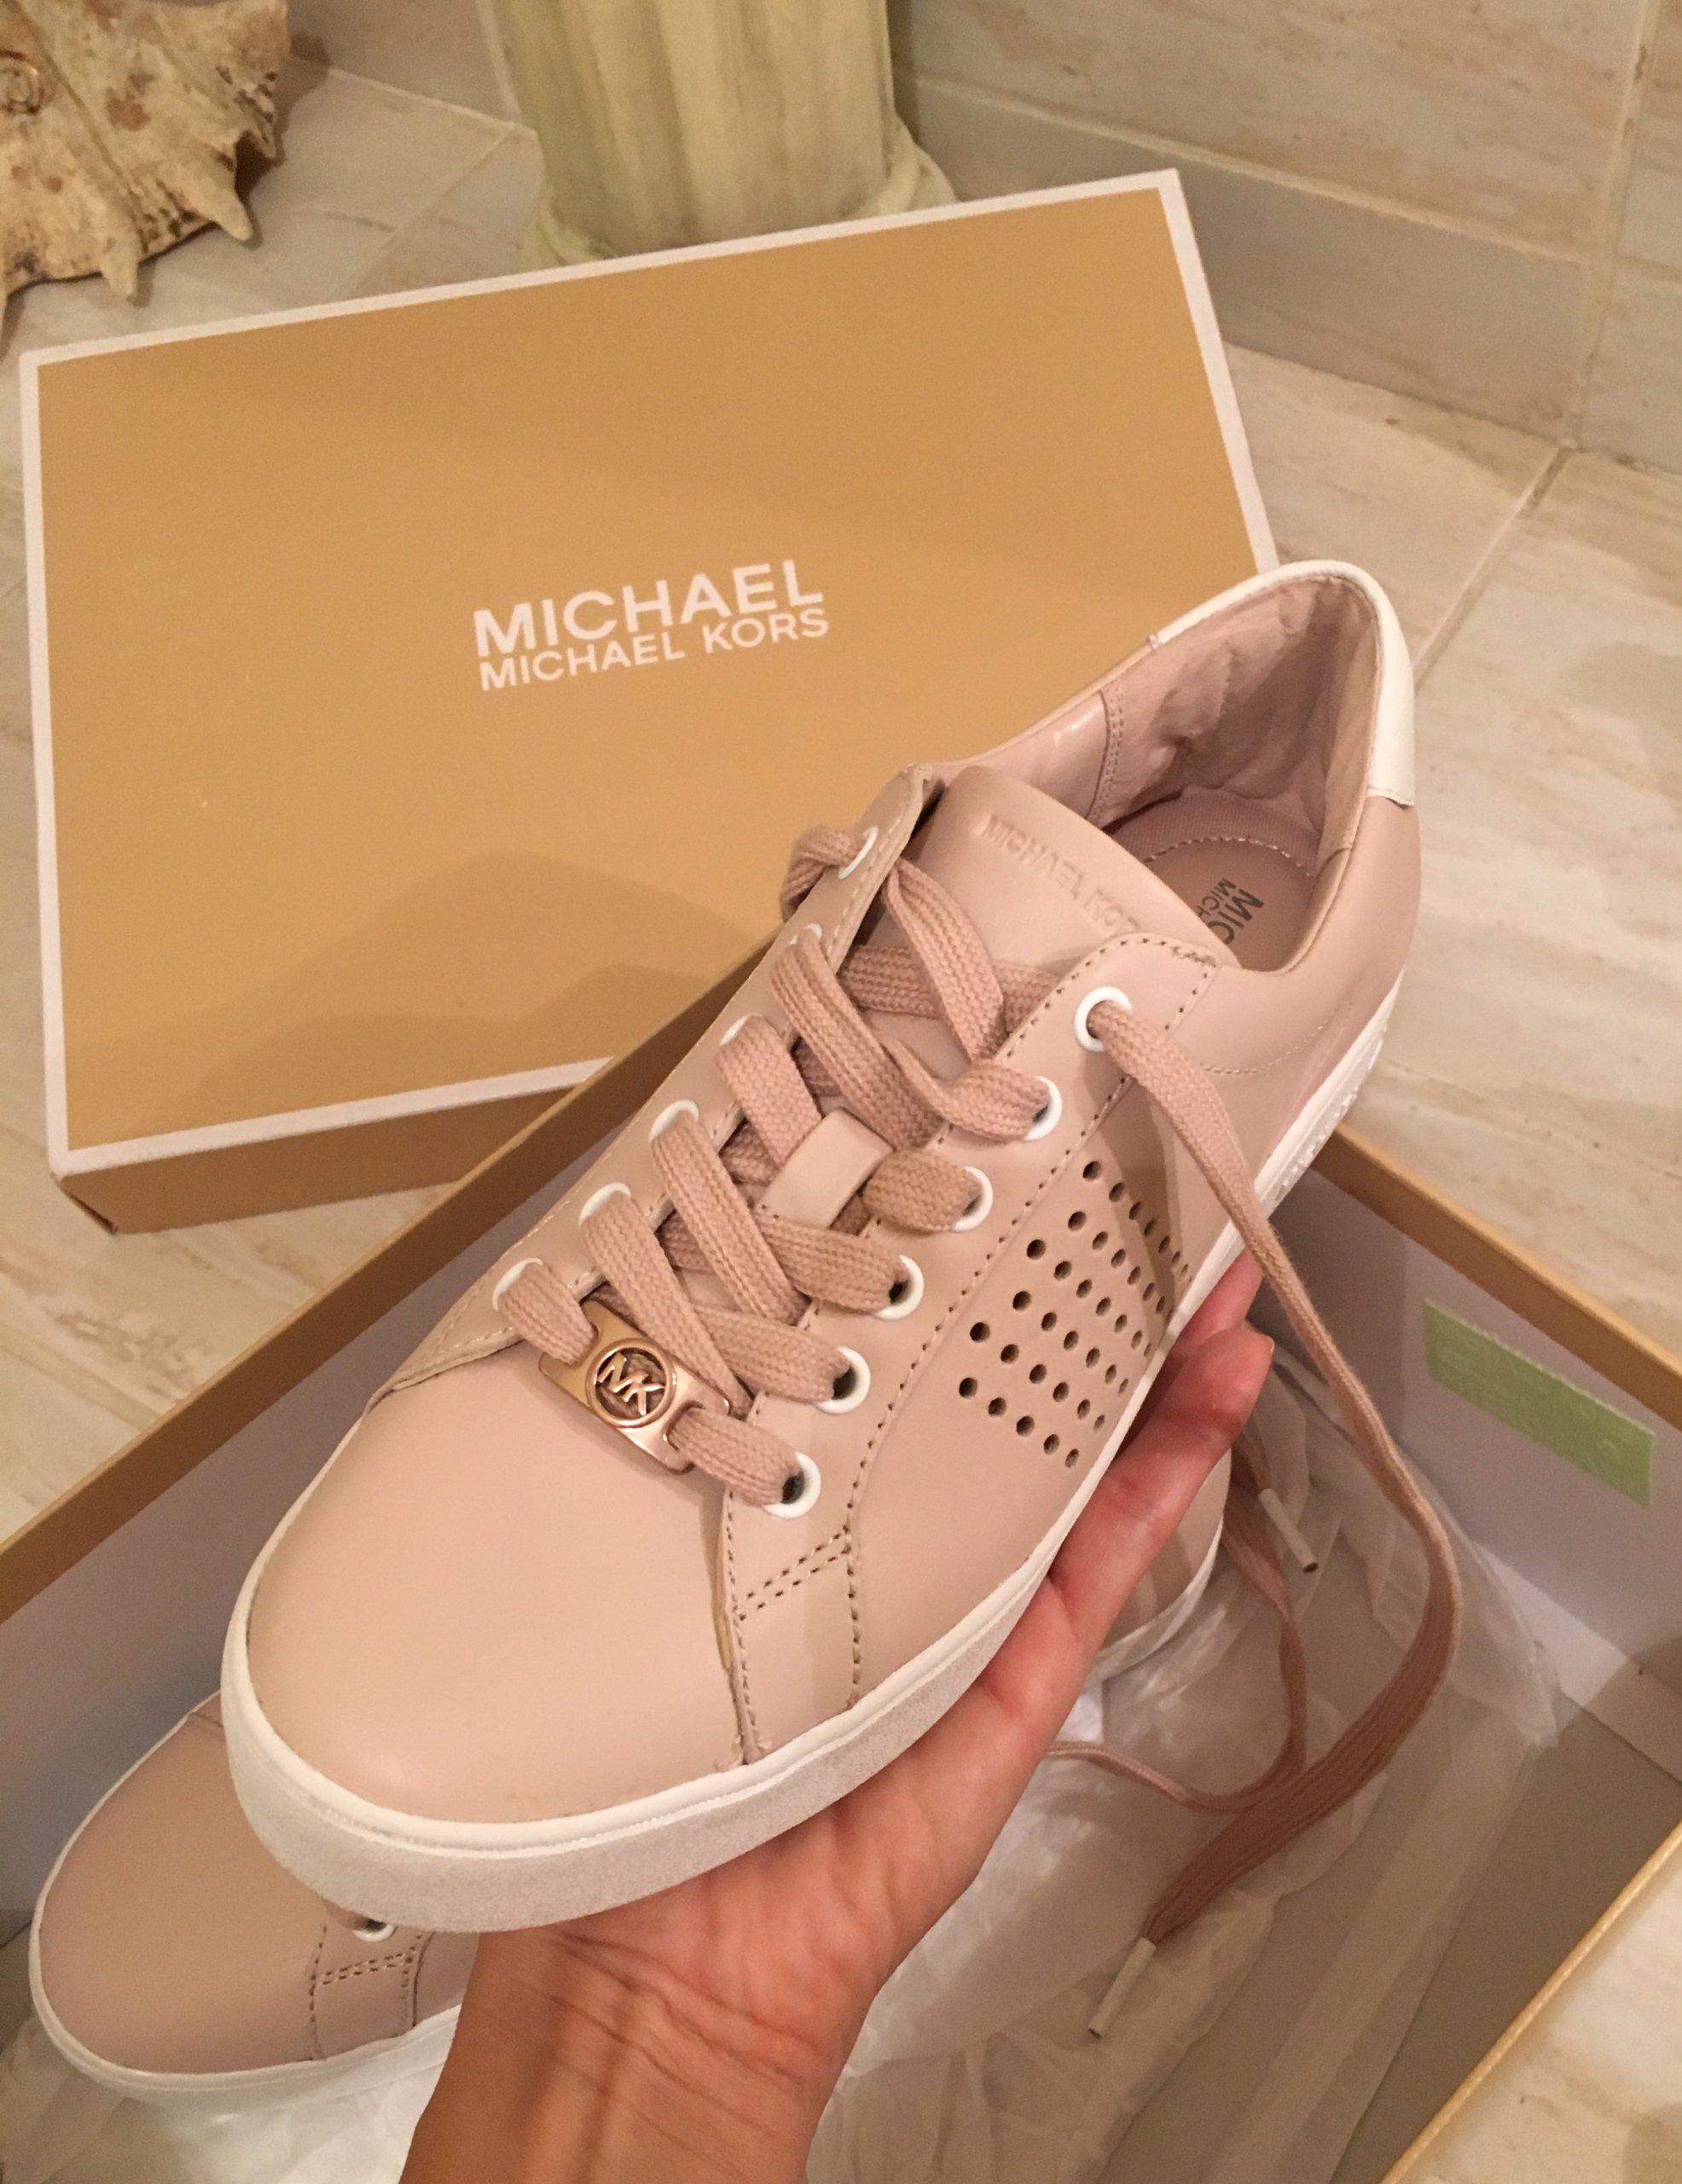 0c2660106f9ad MICHAEL KORS przepiękne trampki sneakersy z USA ! - 7083778754 ...